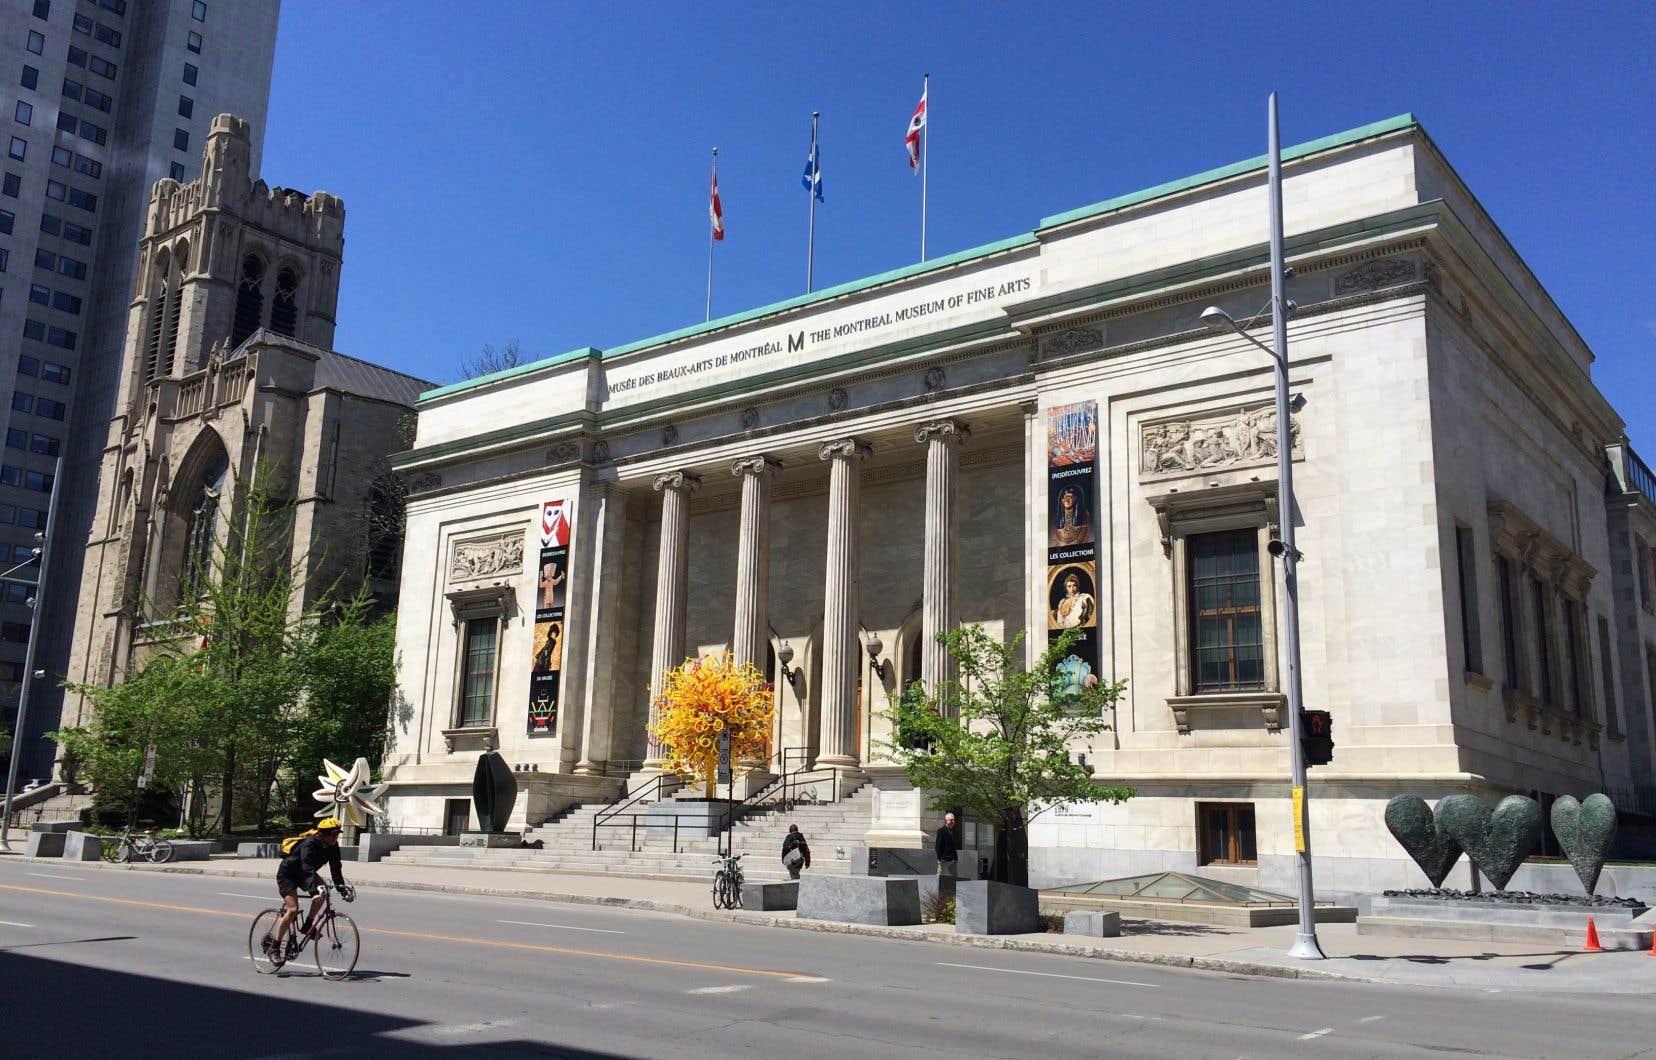 La communauté muséale québécoise est jusqu'ici demeurée très discrète dans la crise qui secoue le MBAM.